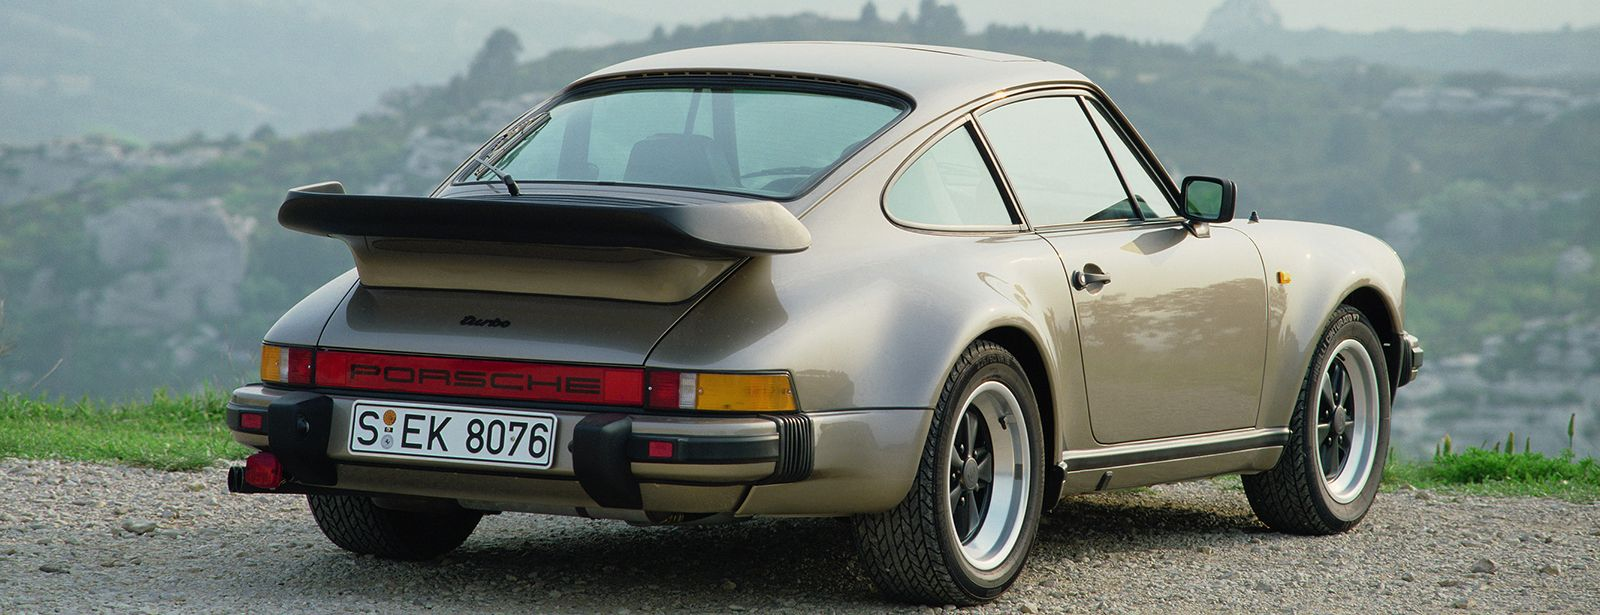 911 Turbo 1975-1989